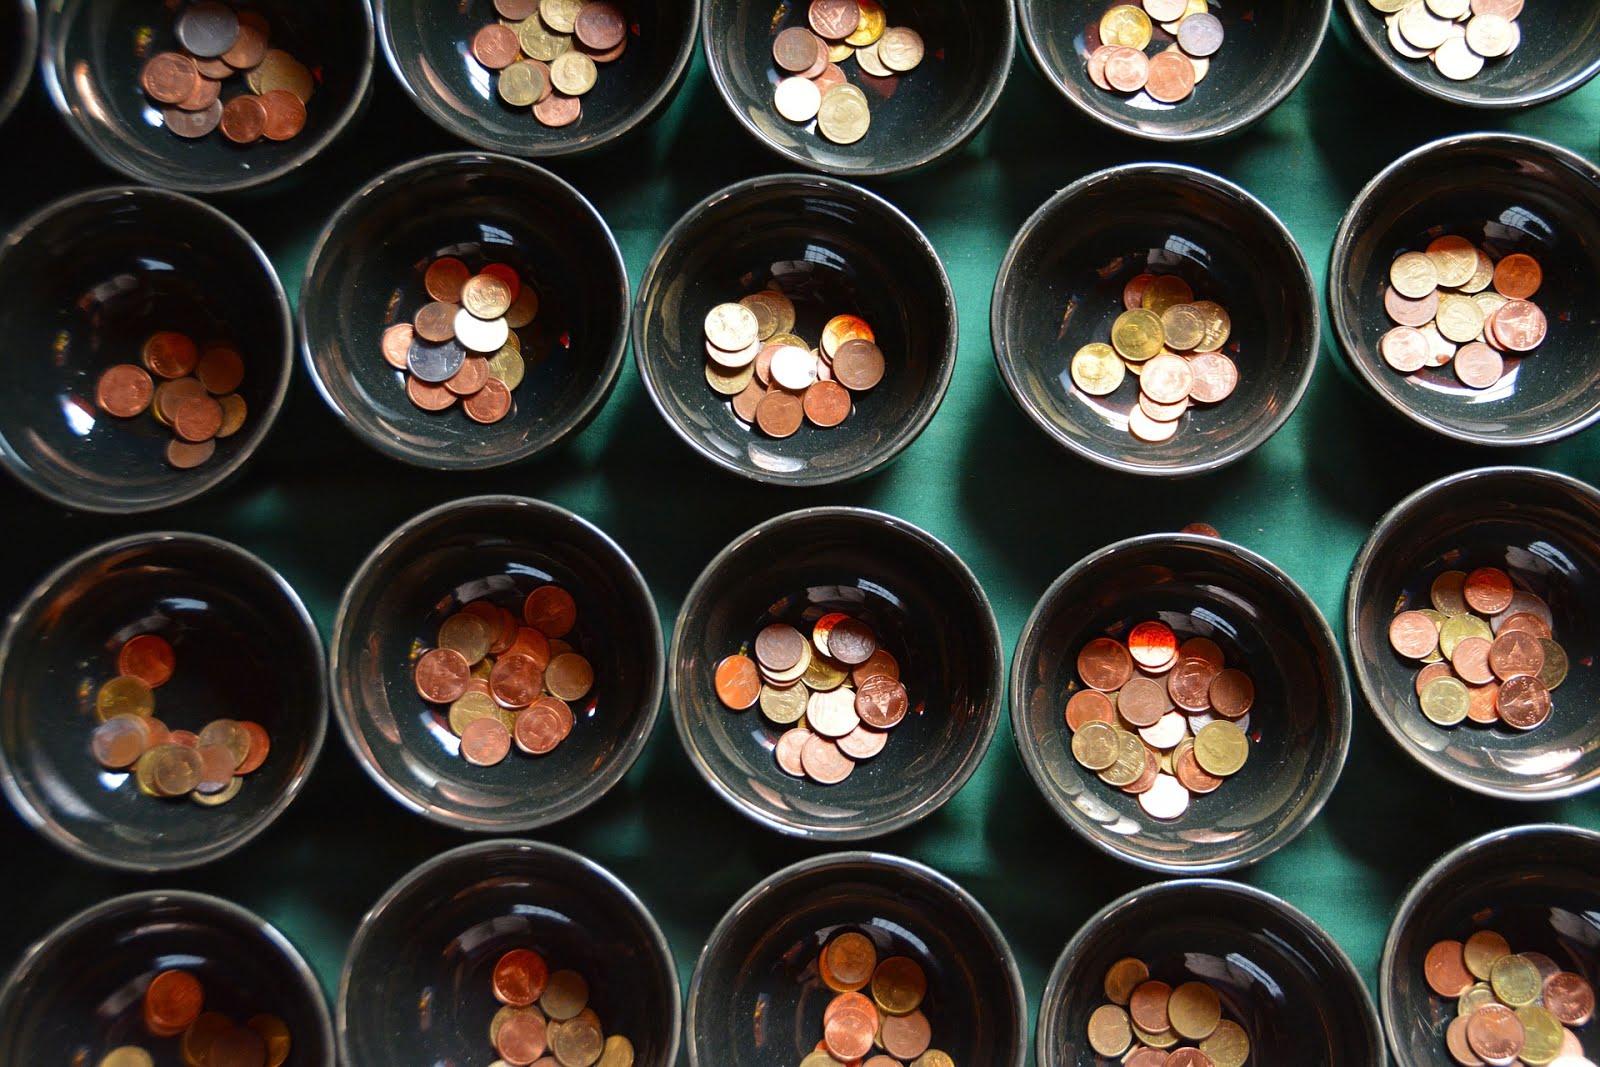 ¿Qué necesitas conocer para invertir tu dinero? Empezamos